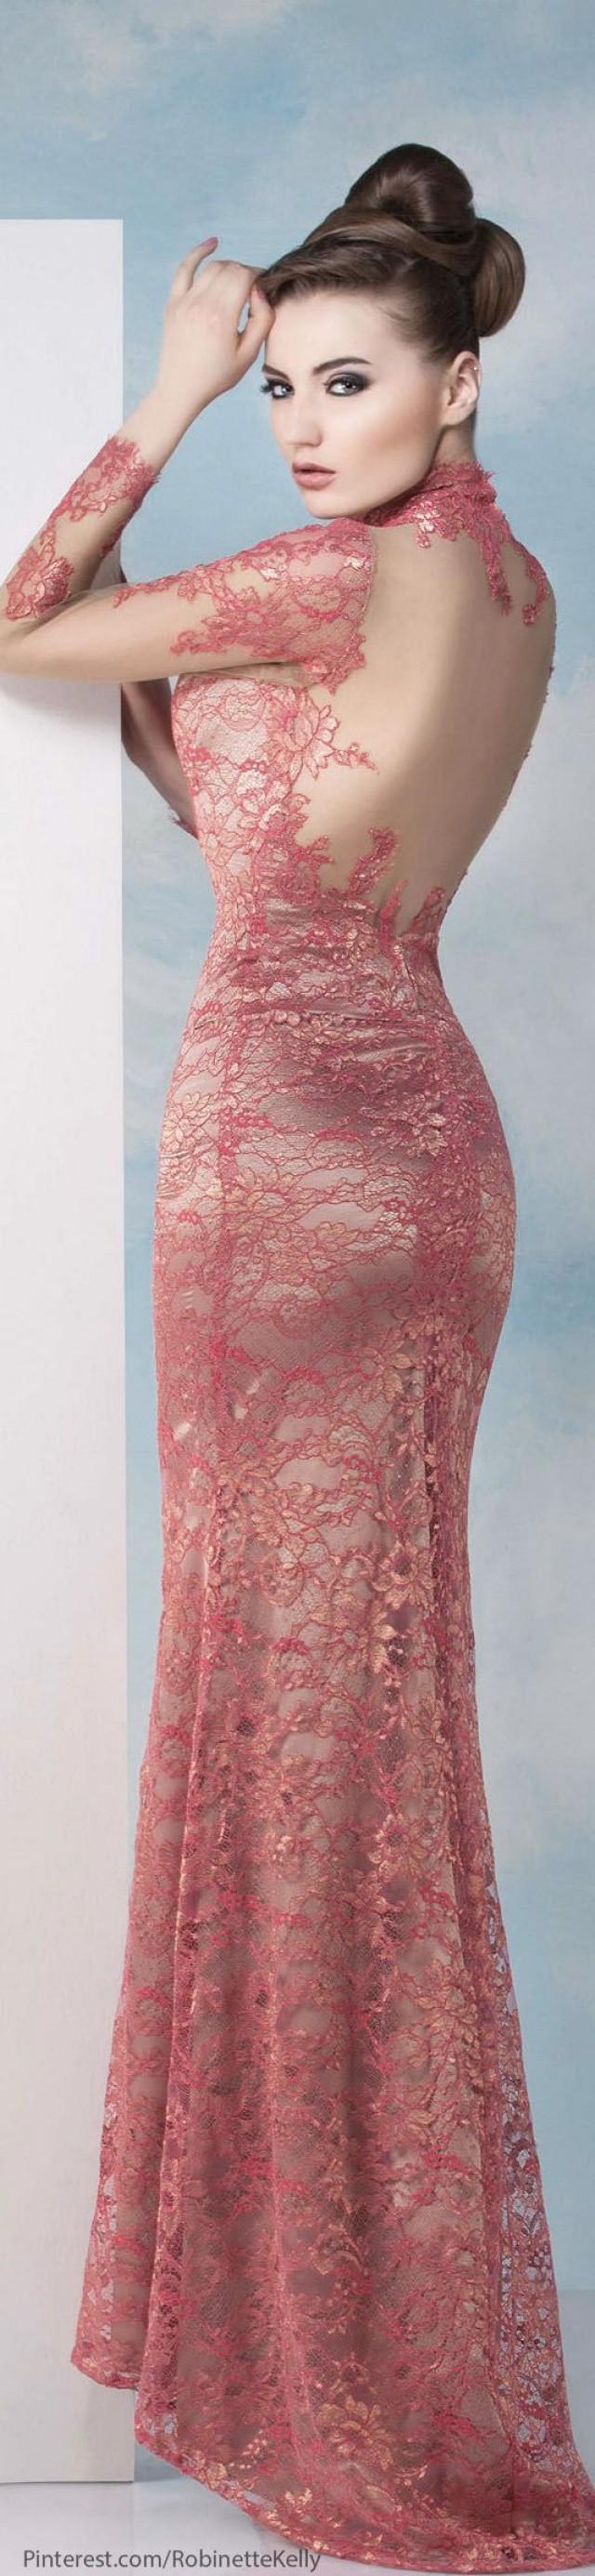 pastell hochzeit kleider pastell rosa 2092490 weddbook. Black Bedroom Furniture Sets. Home Design Ideas